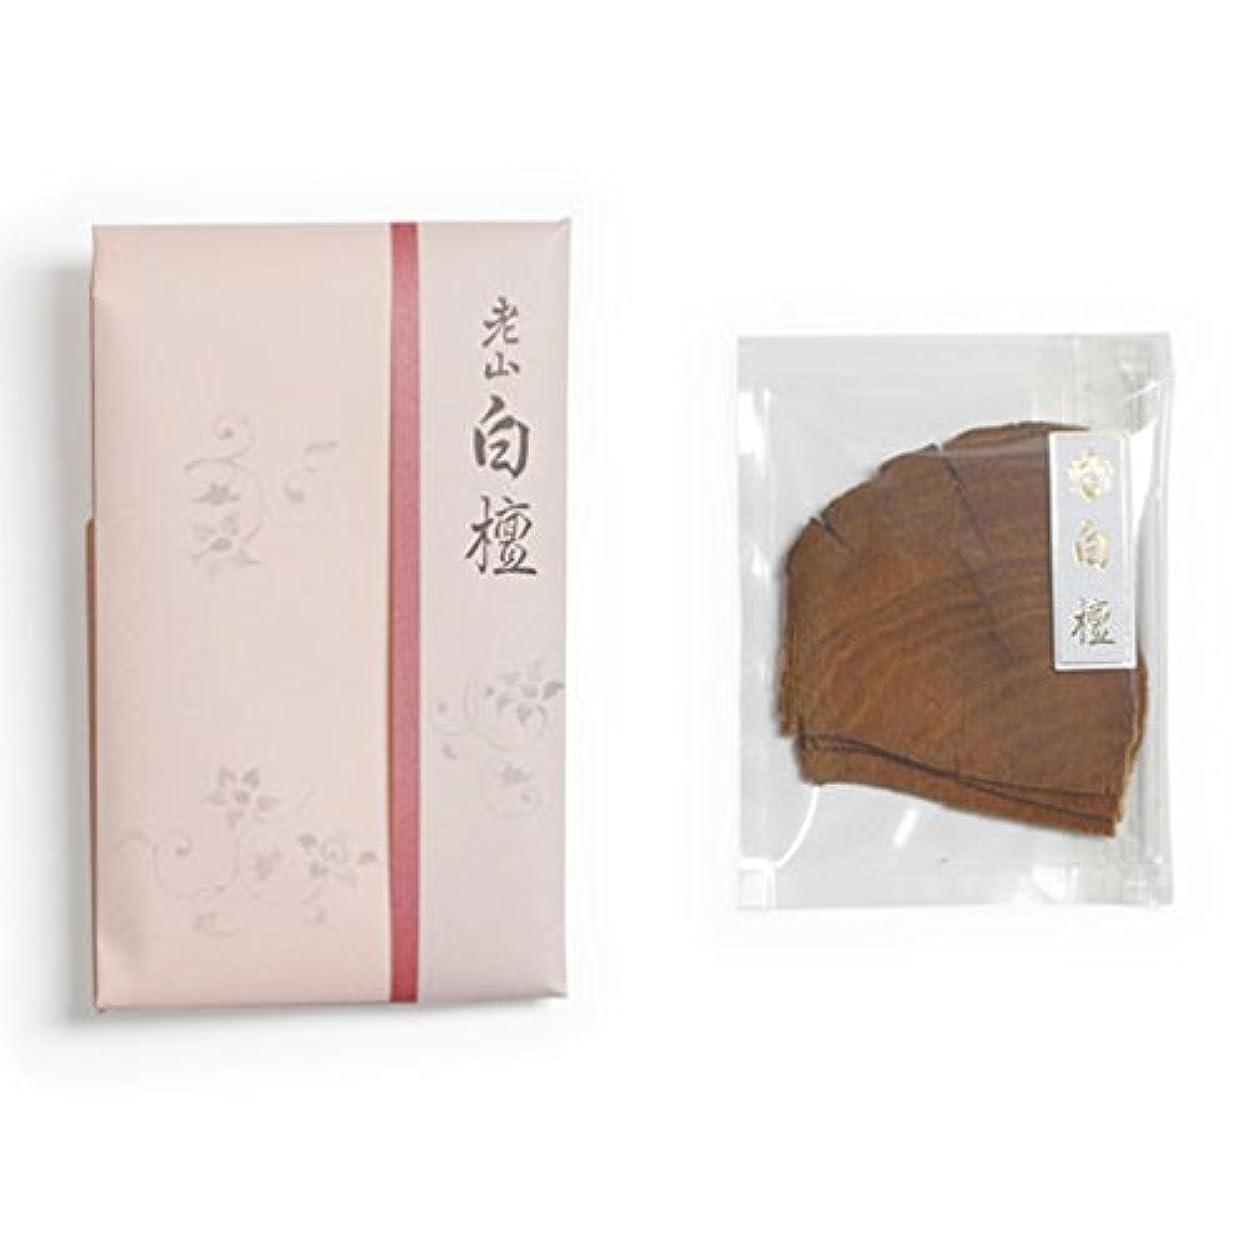 特異性におい続ける香木 老山白檀 重(かさね) 10g詰 香木 松栄堂 Shoyeido